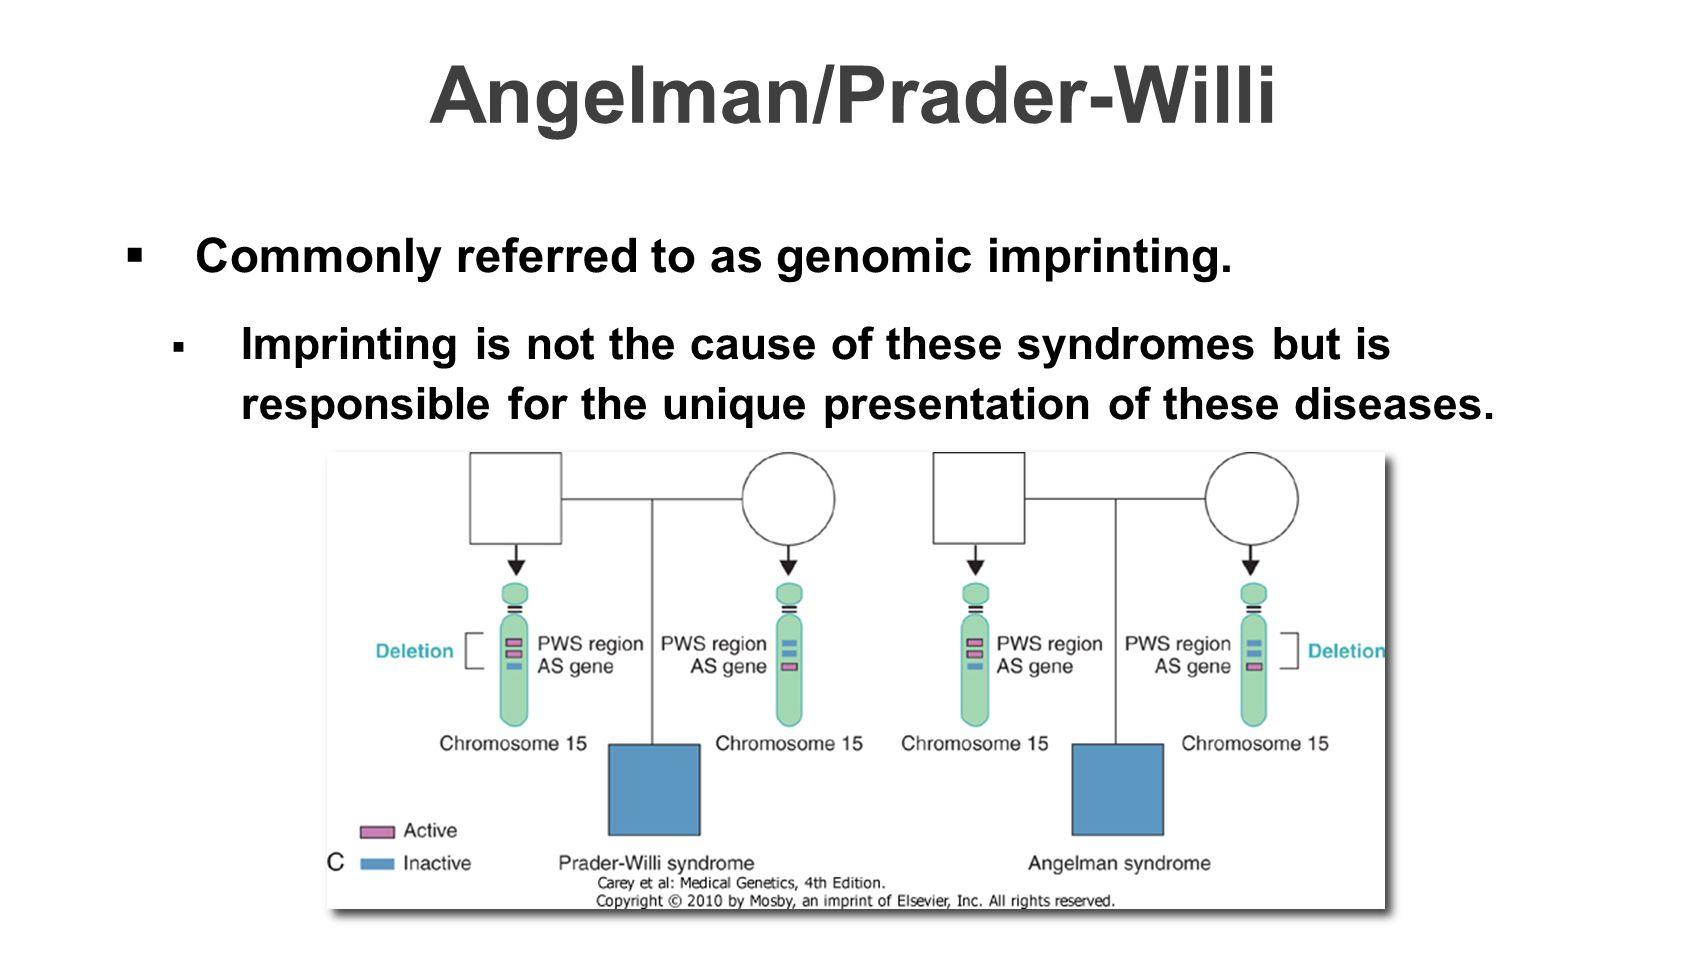 Angelman/Prader-Willi